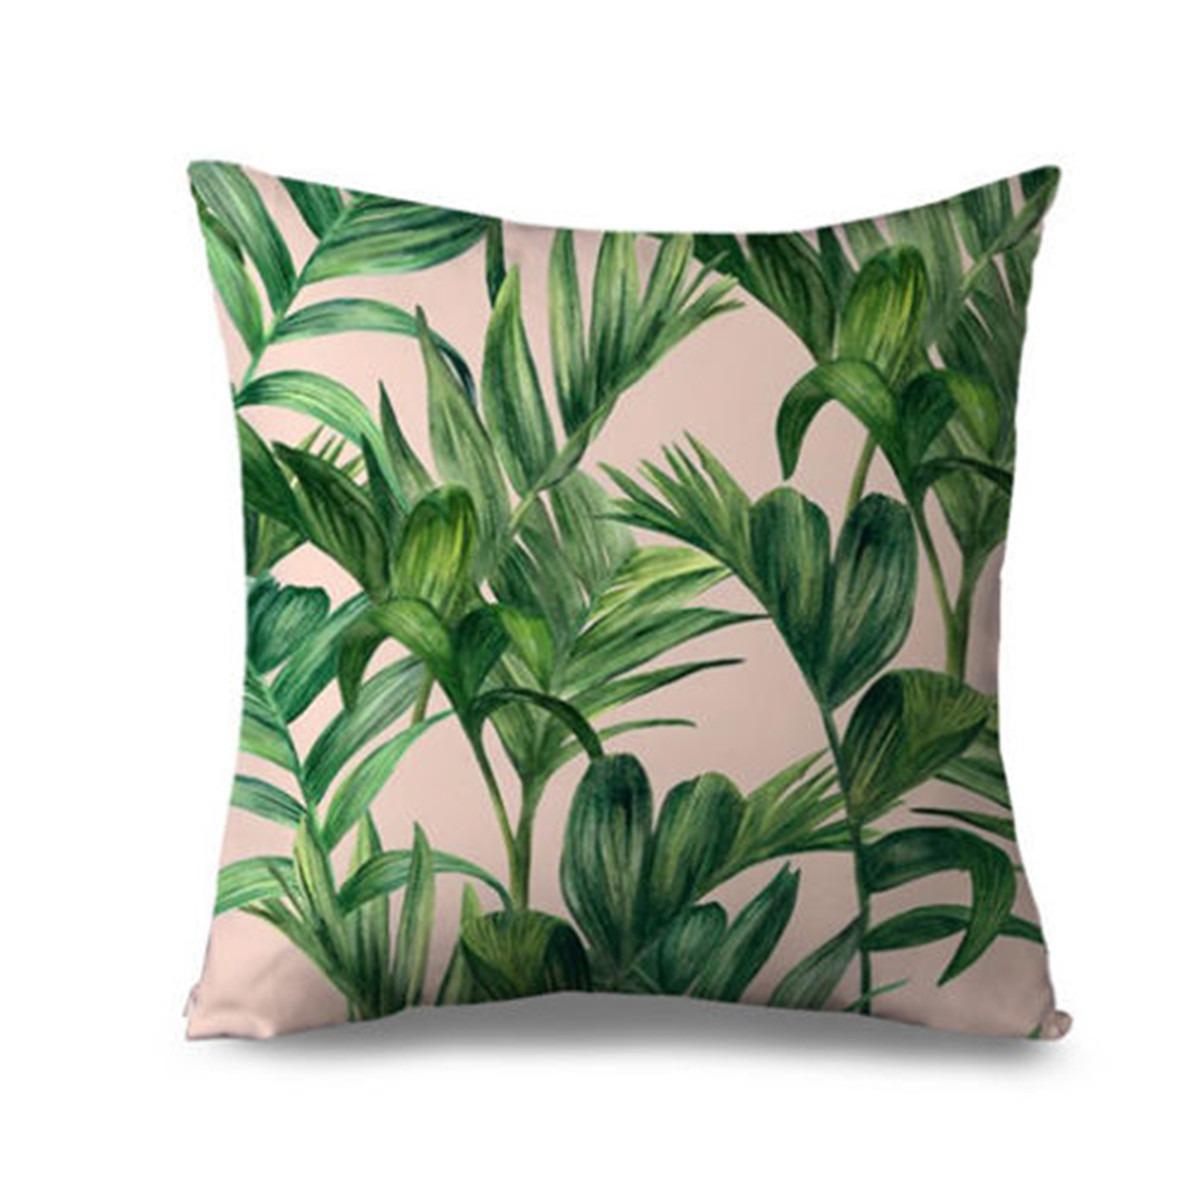 Banana Tropical Hojas Verdes Coj N De Lino Palm 17 990 En  # Muebles Hoja De Banano